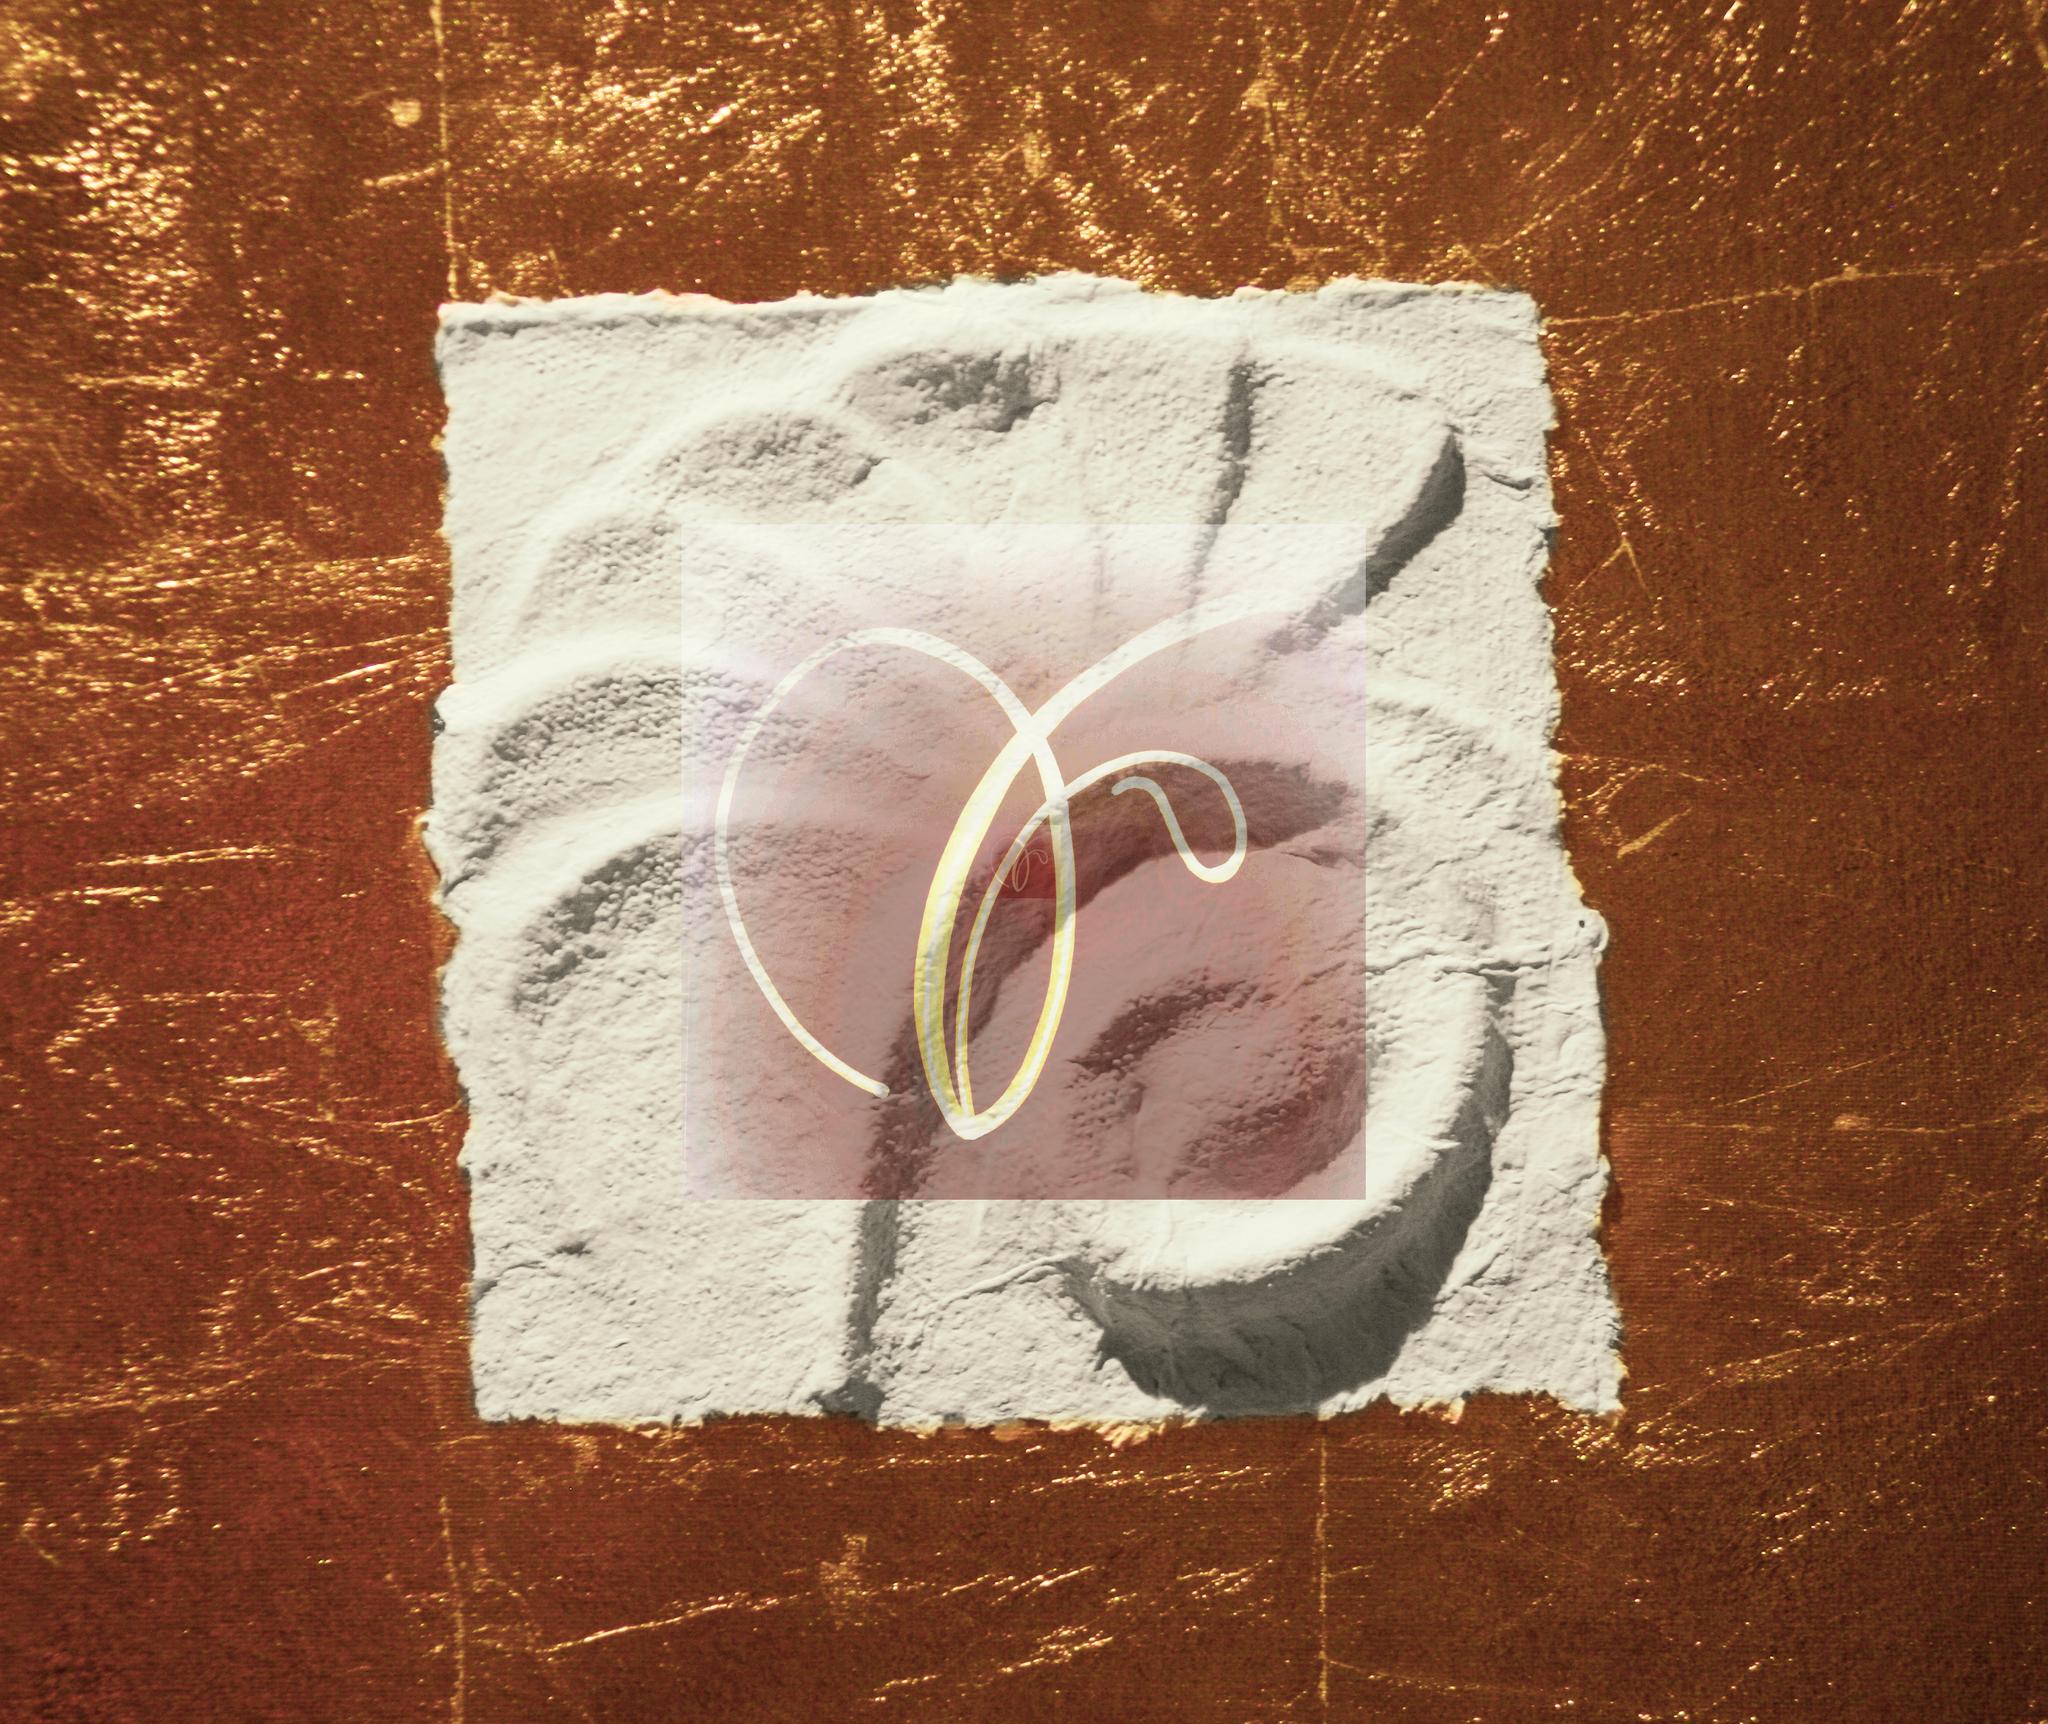 Sternzeichen Löwe - handgeschöpftes geprägtes und energetisiertes Papier auf Blattmetall